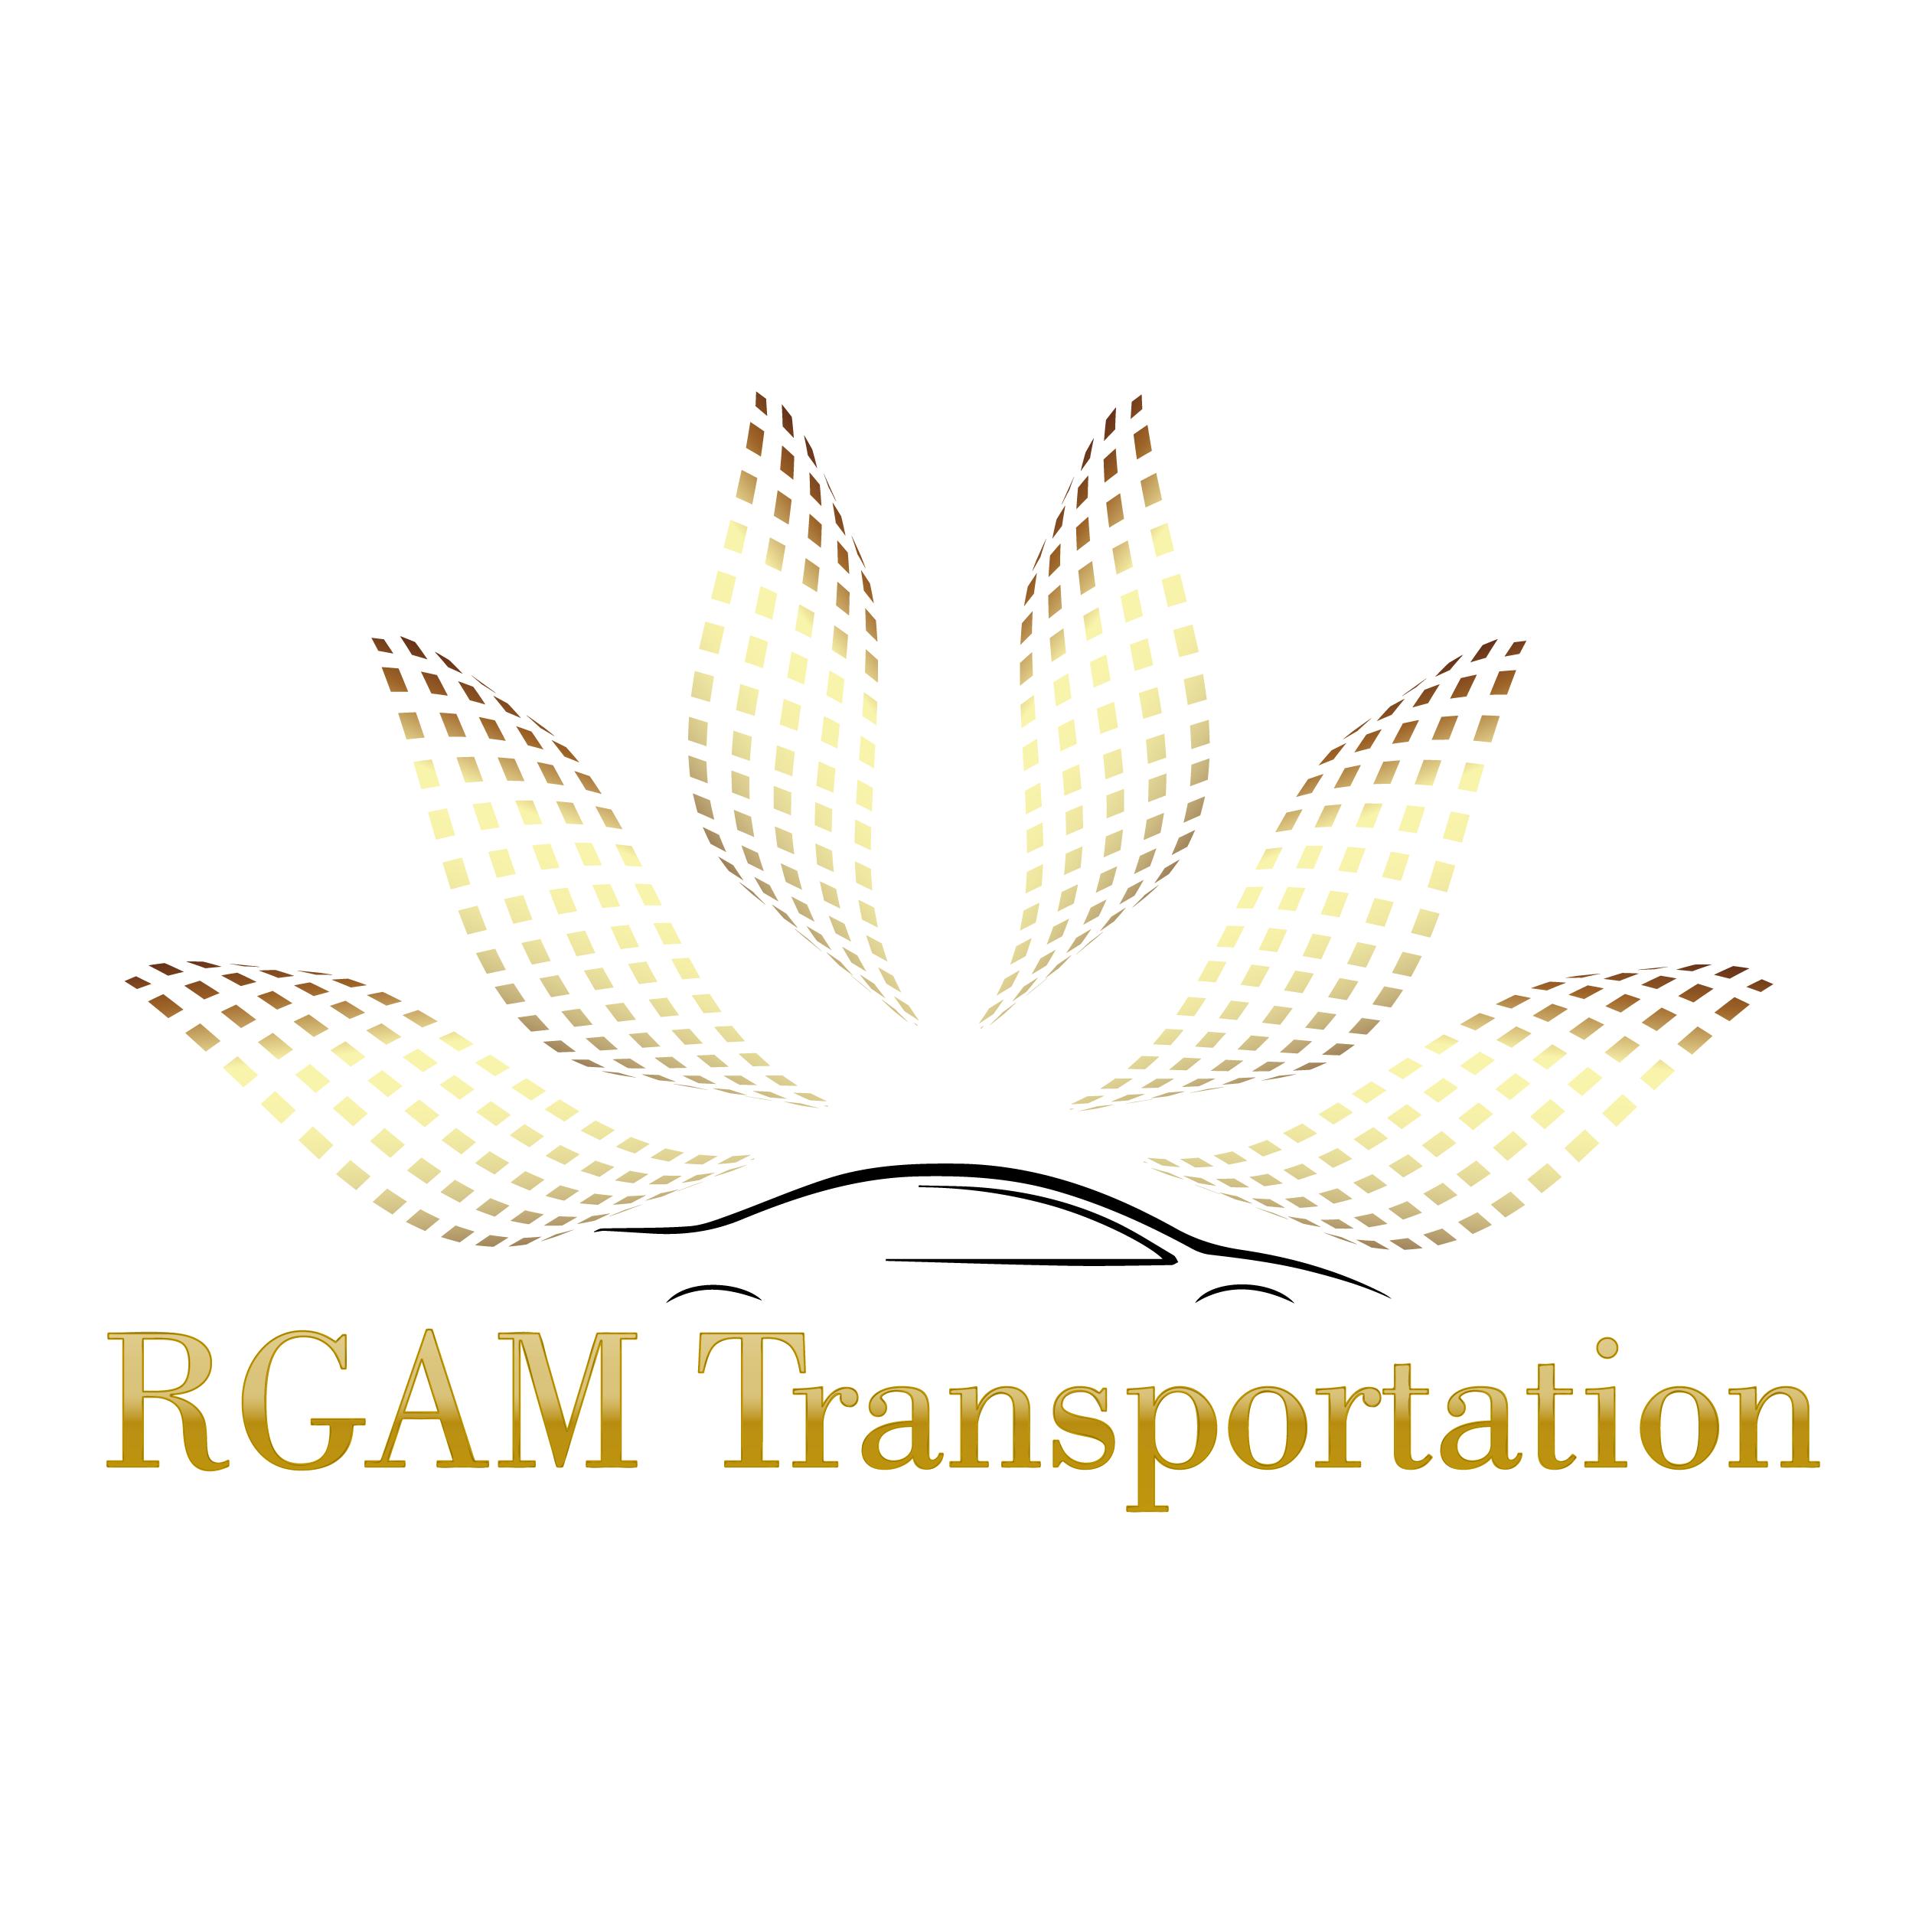 RGAM Transportation